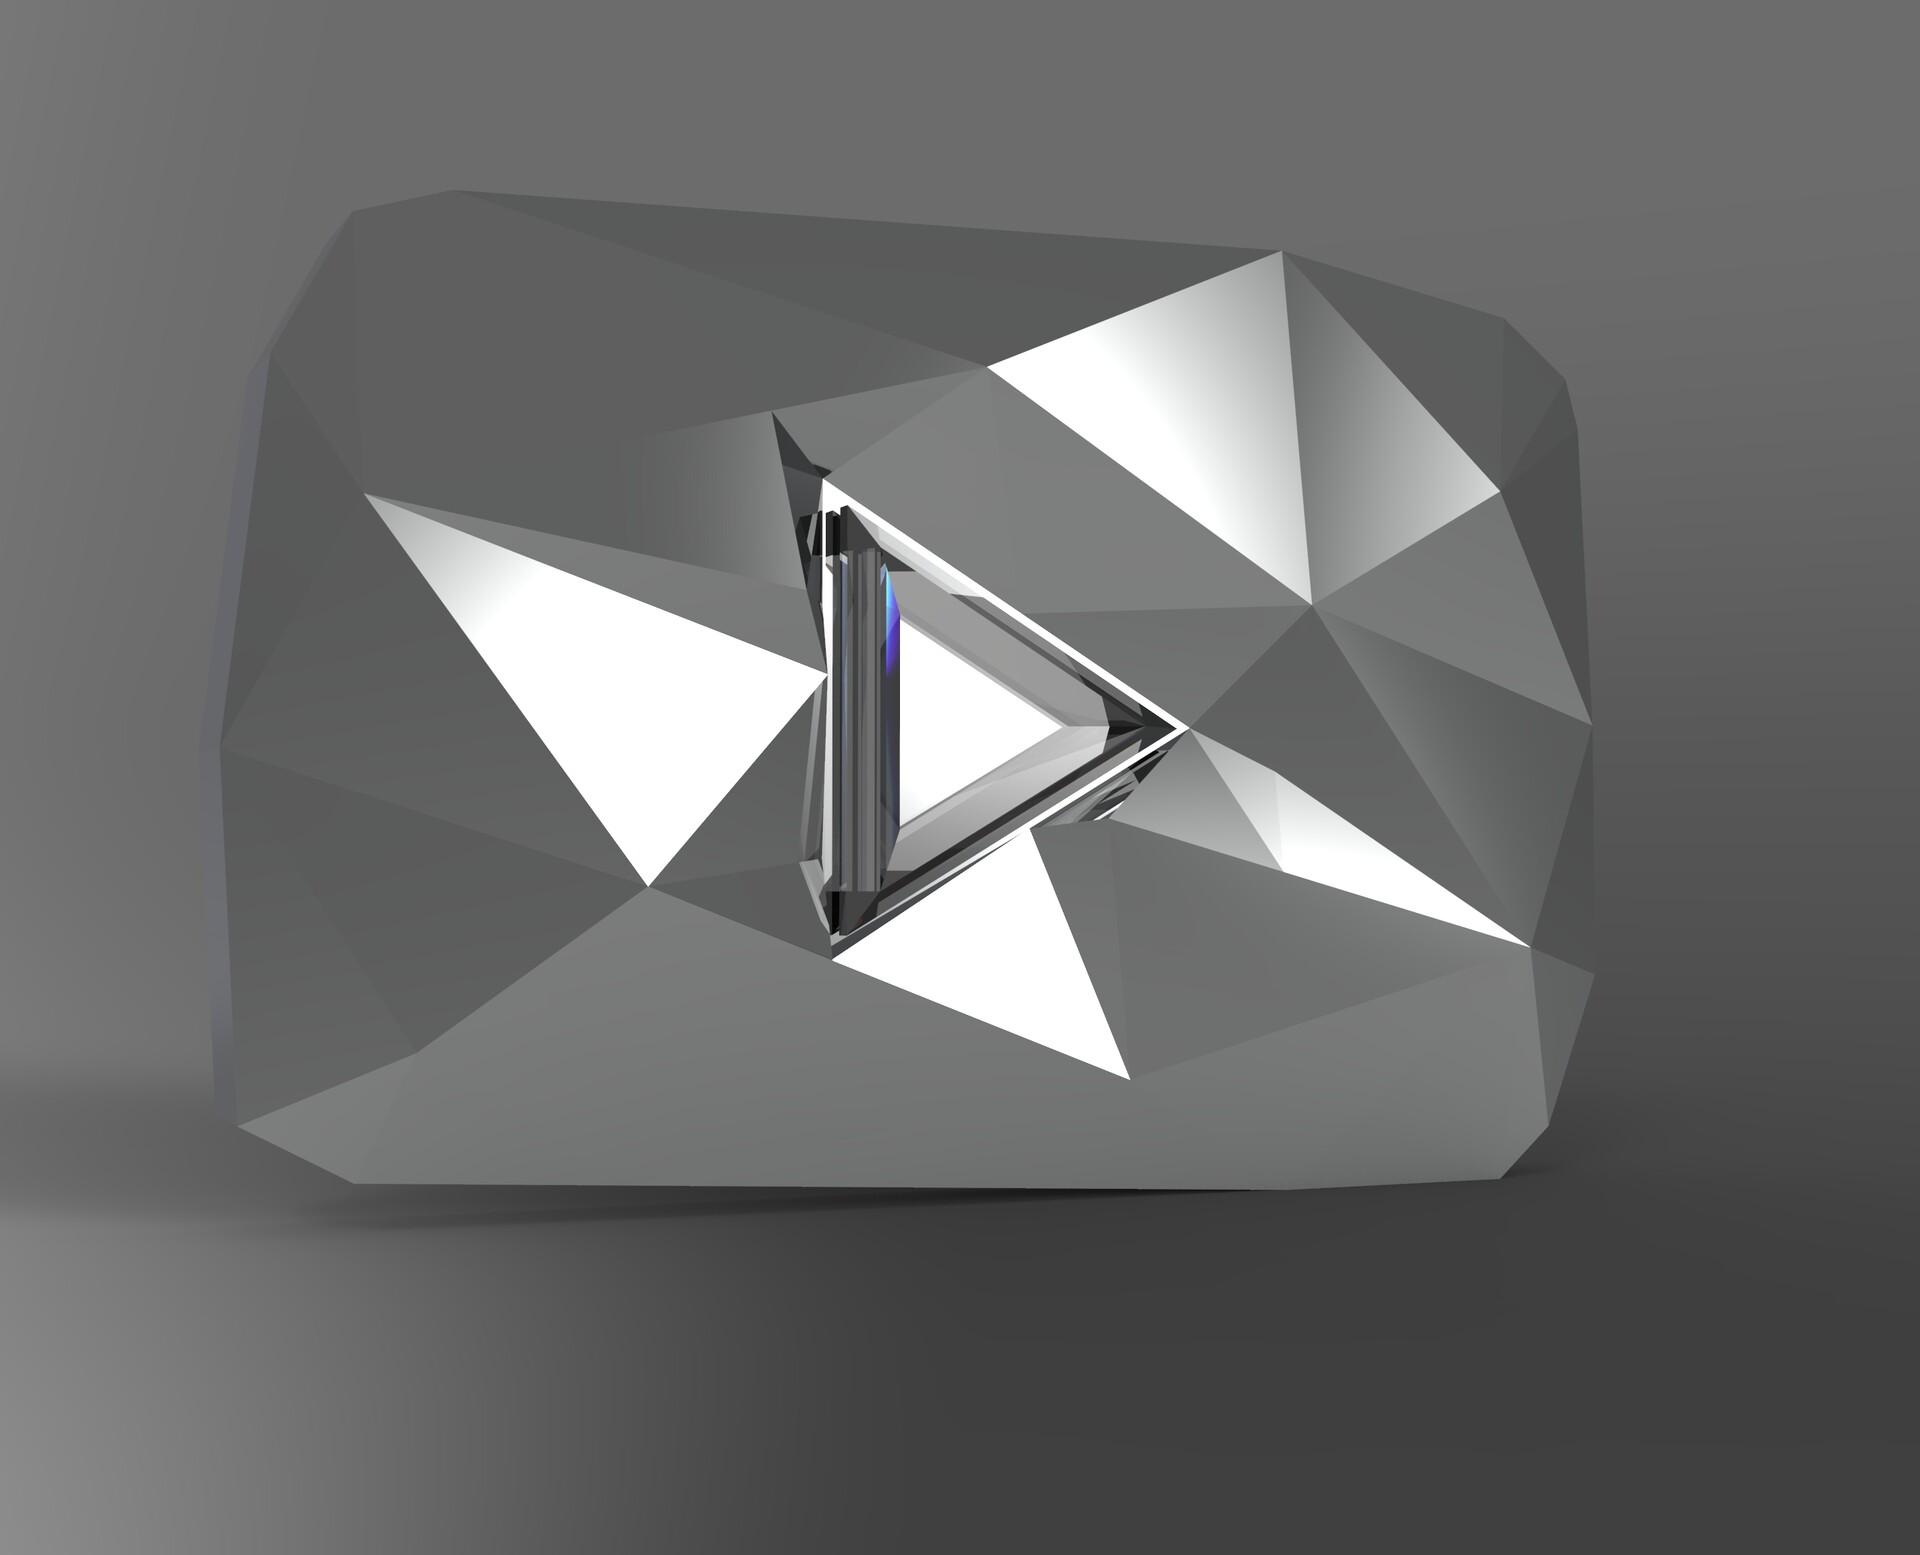 Spiel Diamonds